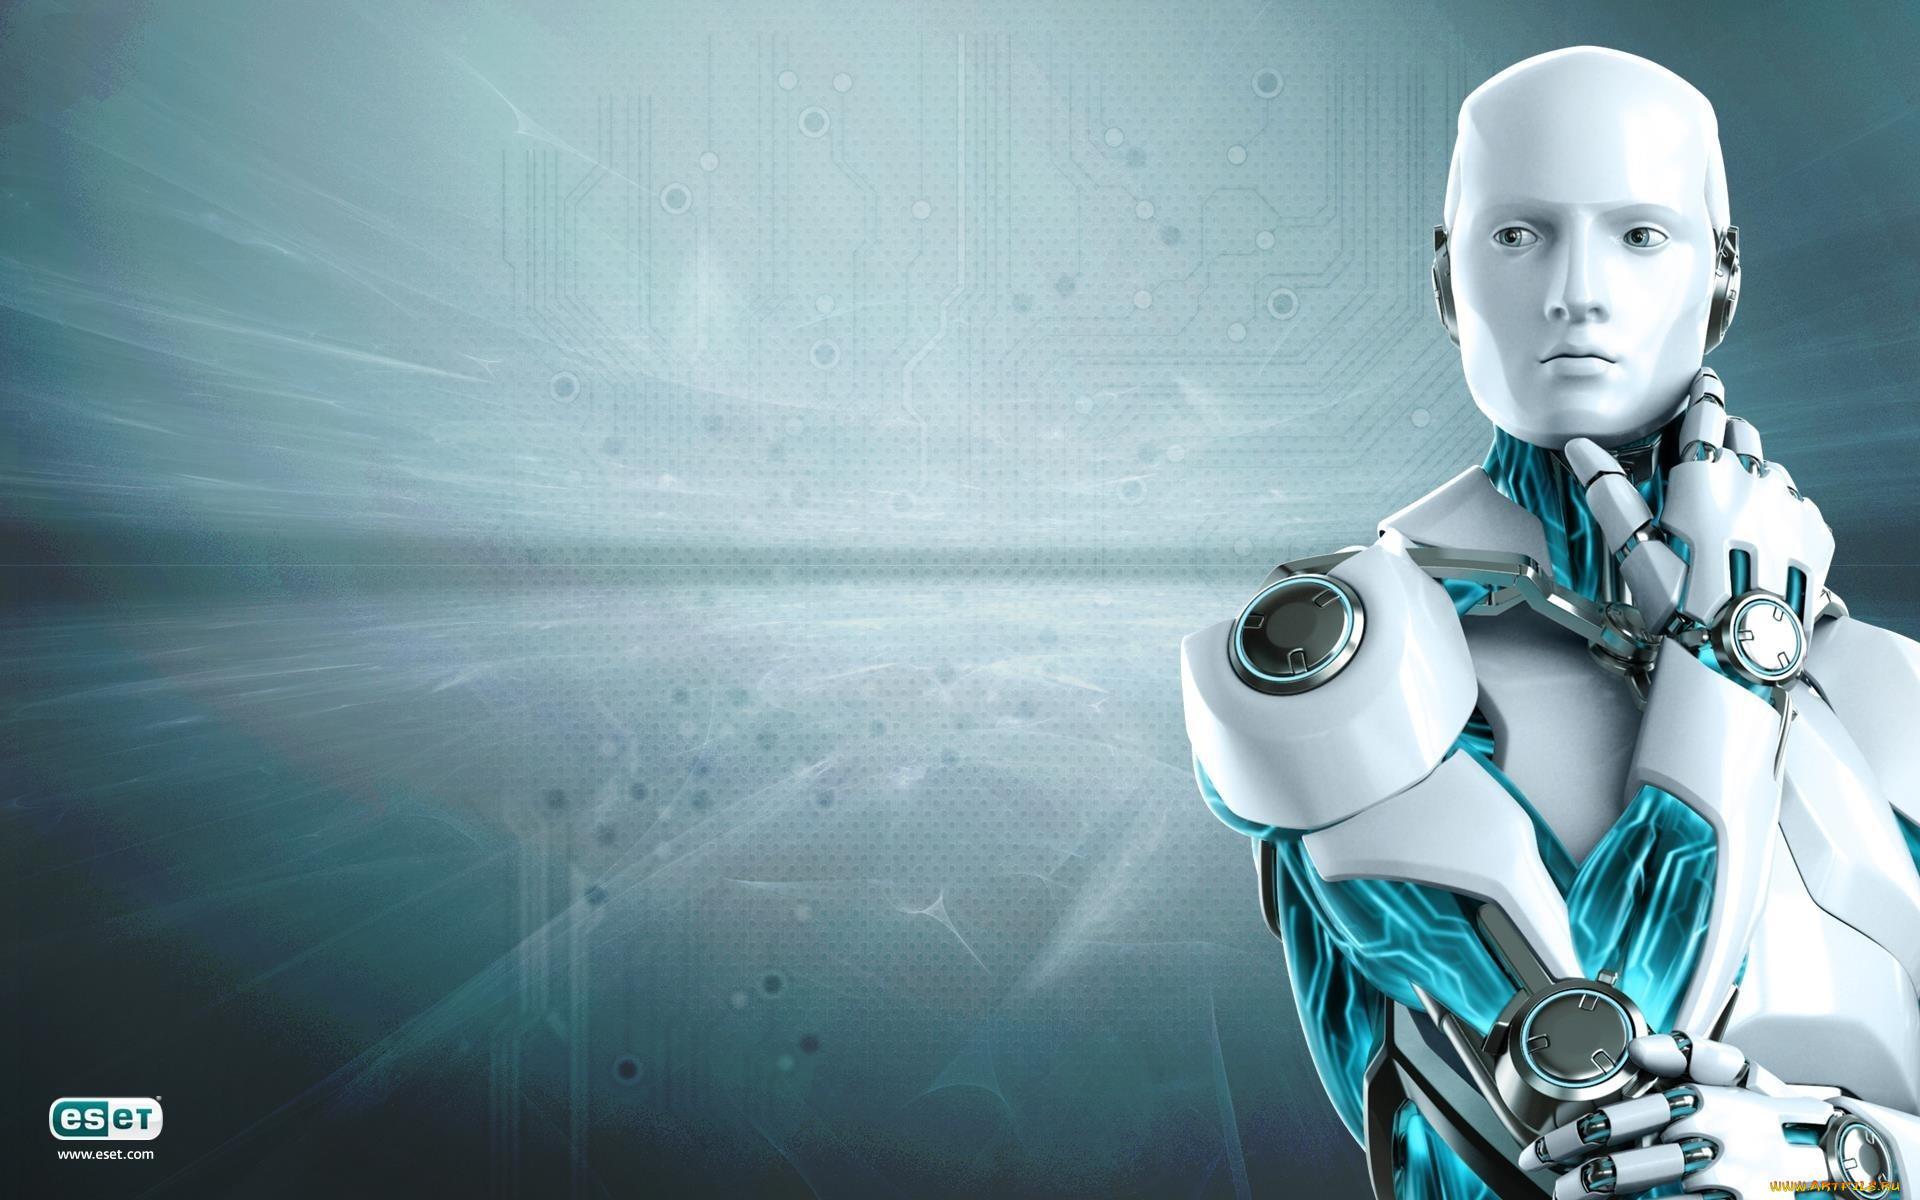 robotics backgrounds - HD1600×1200